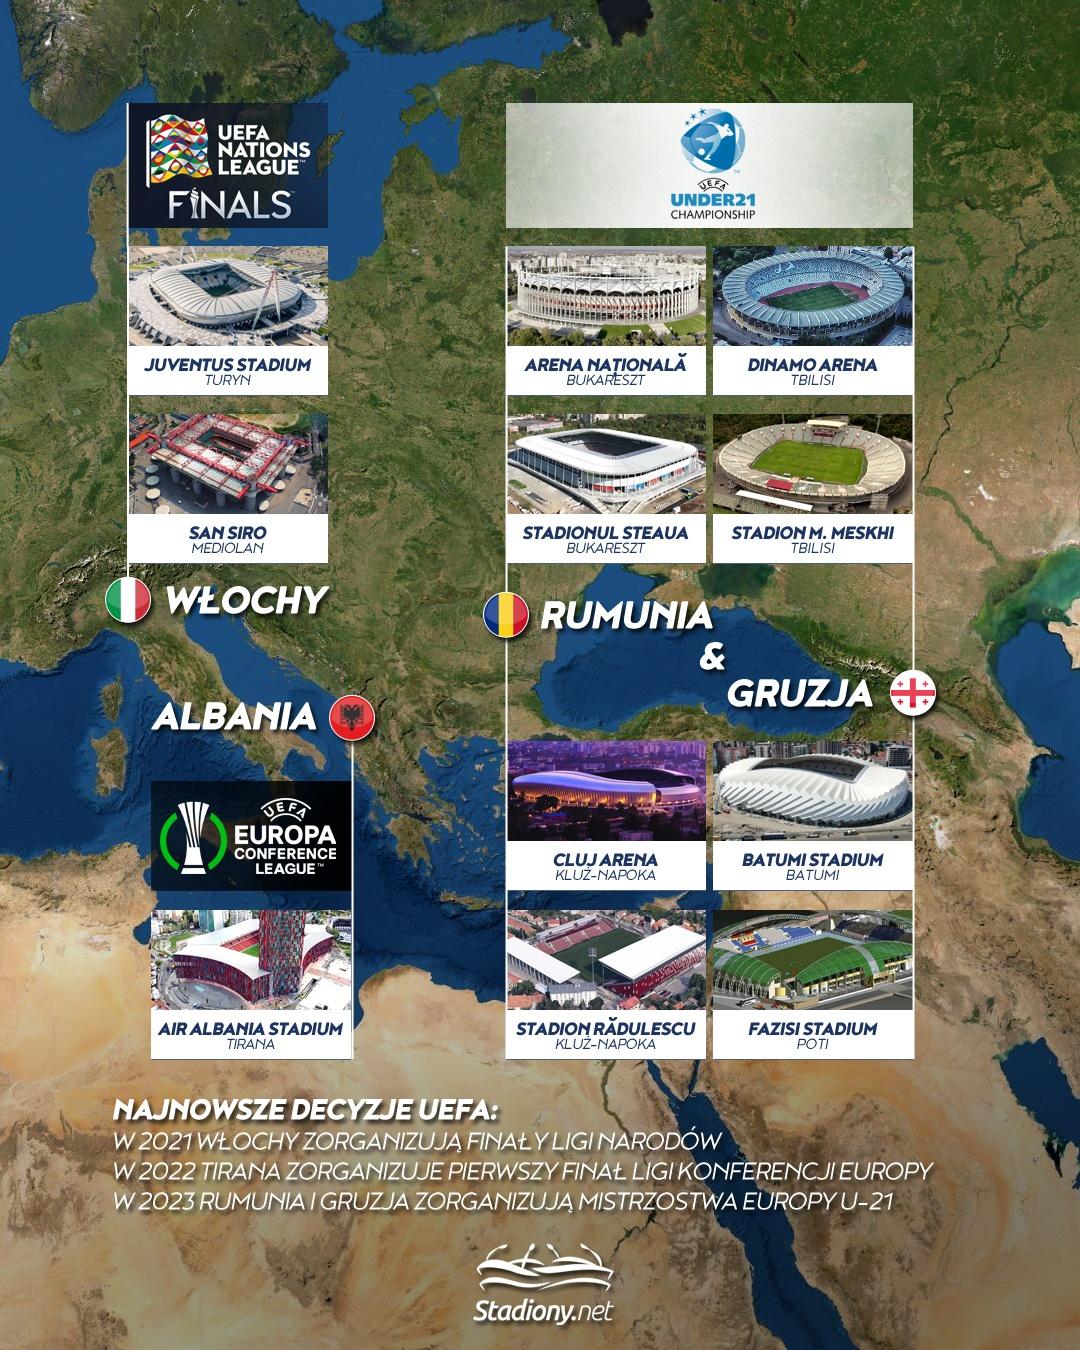 UEFA rozdała finały na lata 2021-2023